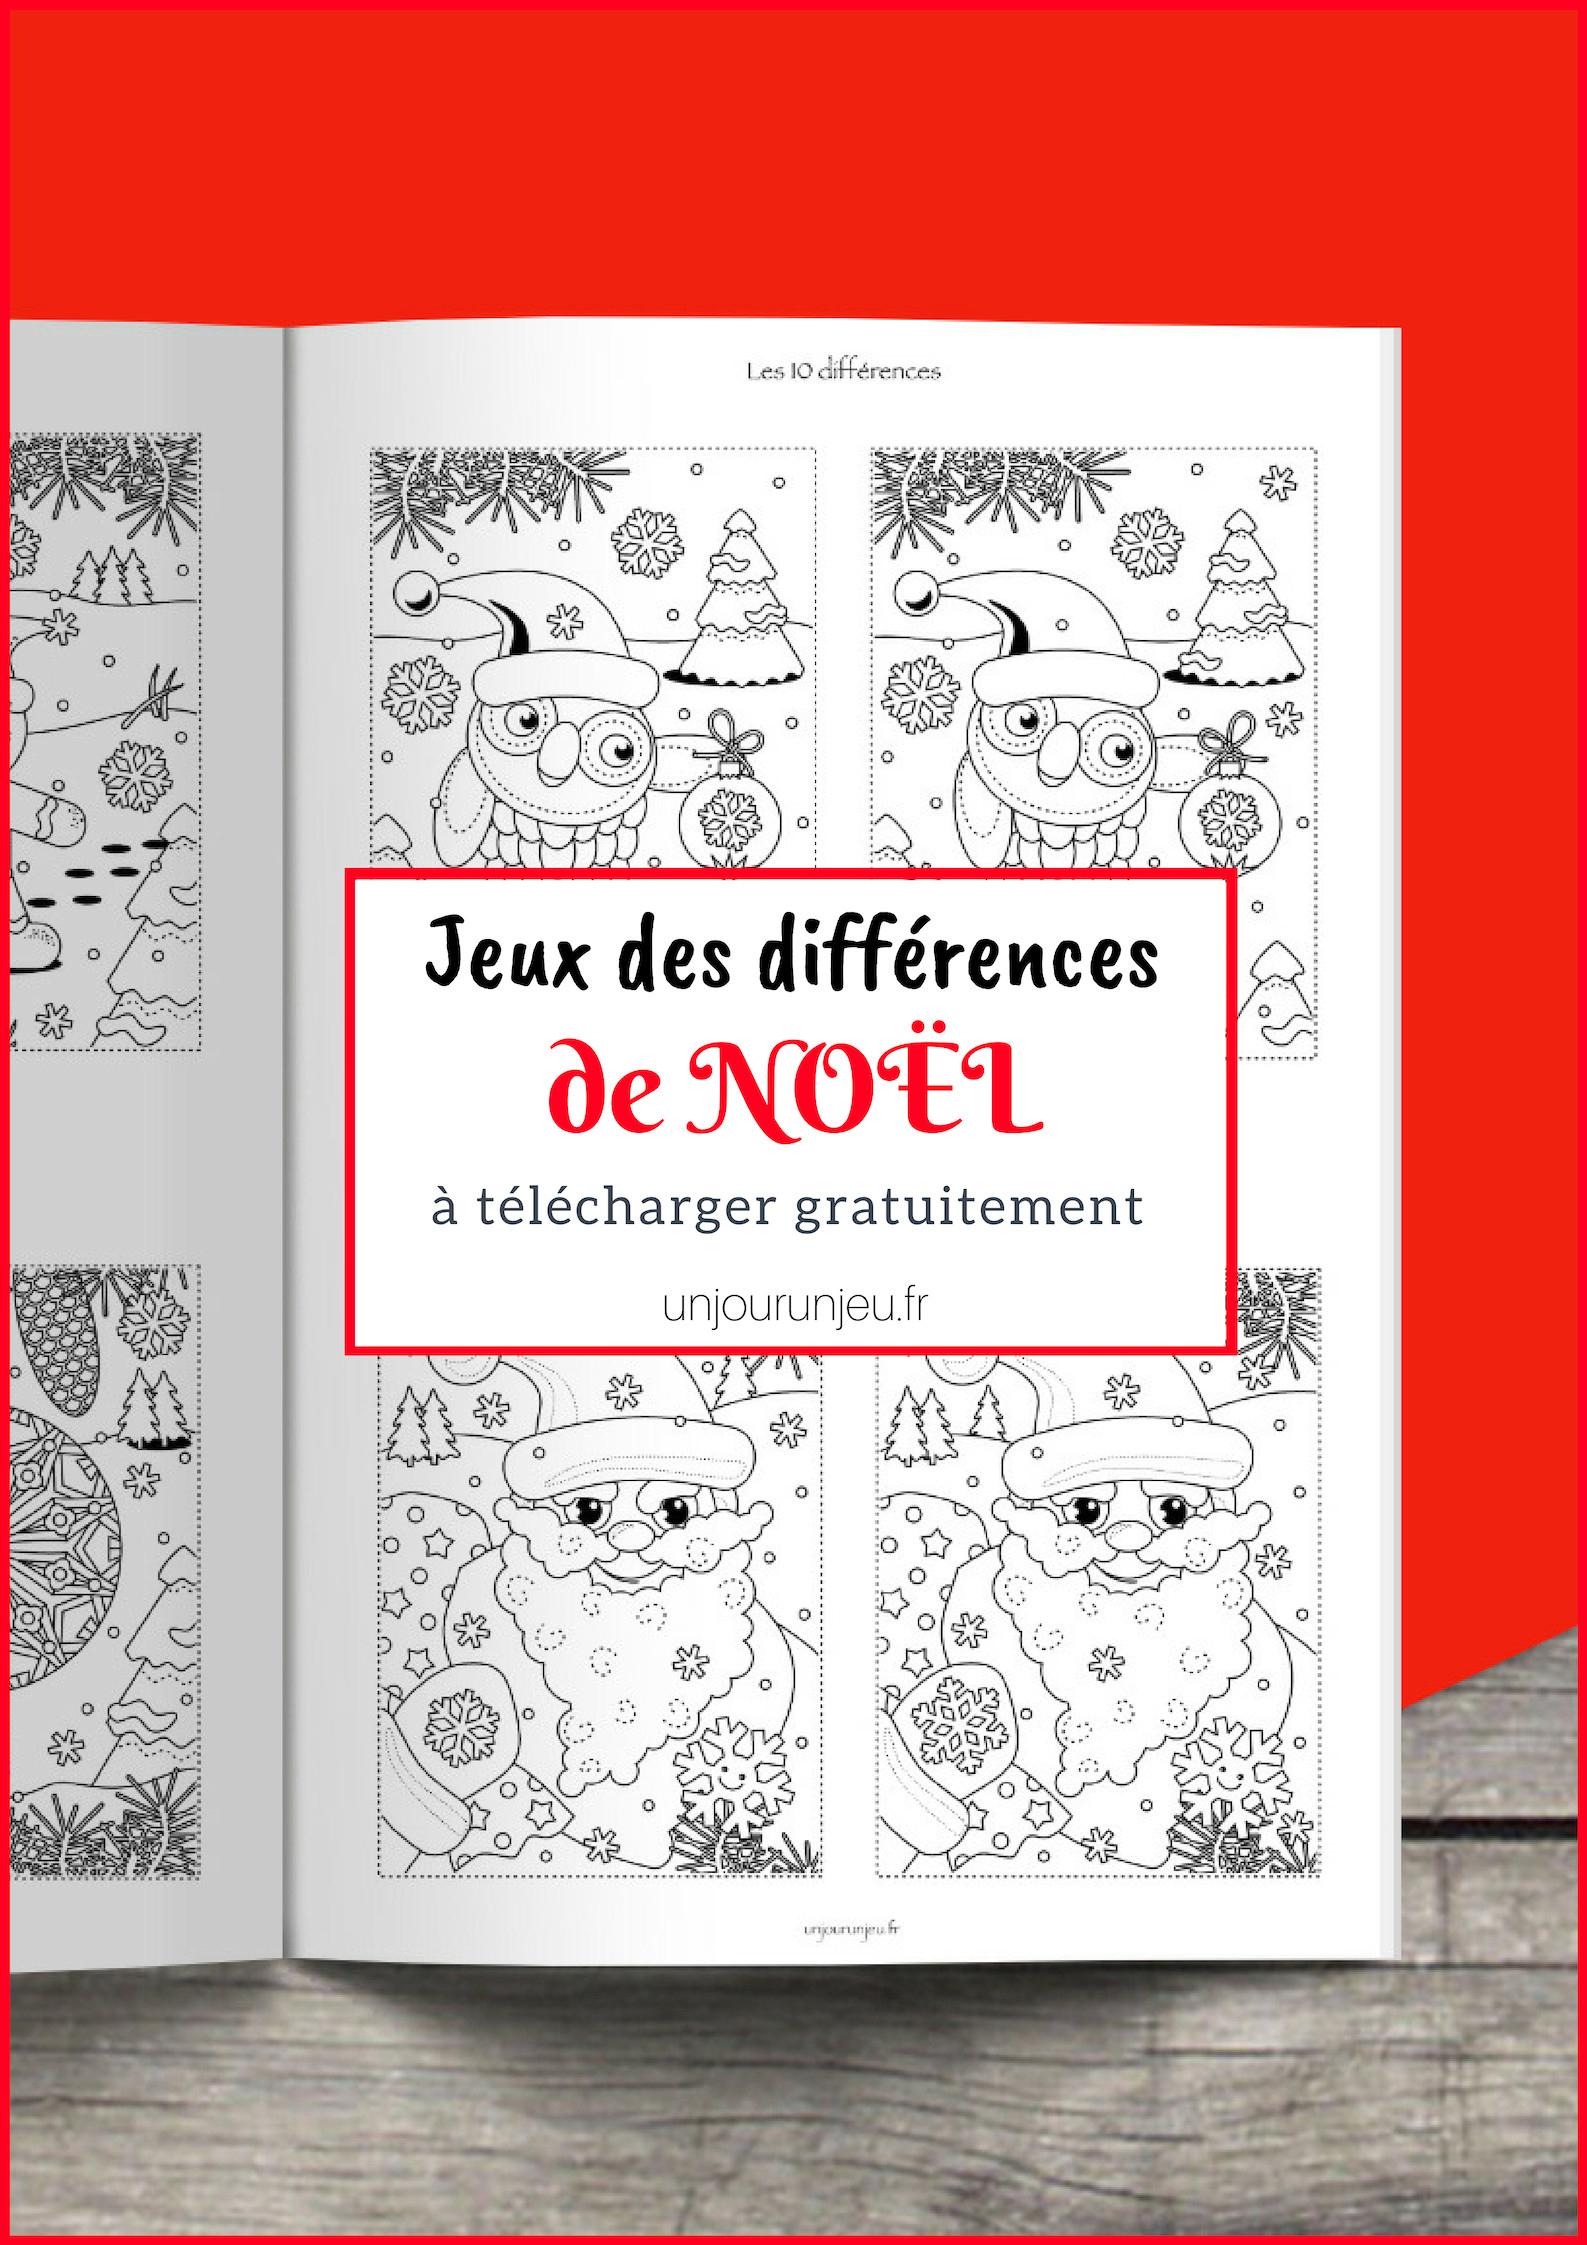 Trouve Les Différences : 11 Modèles De Noël À Imprimer pour Jeux Des Differences Gratuit A Imprimer